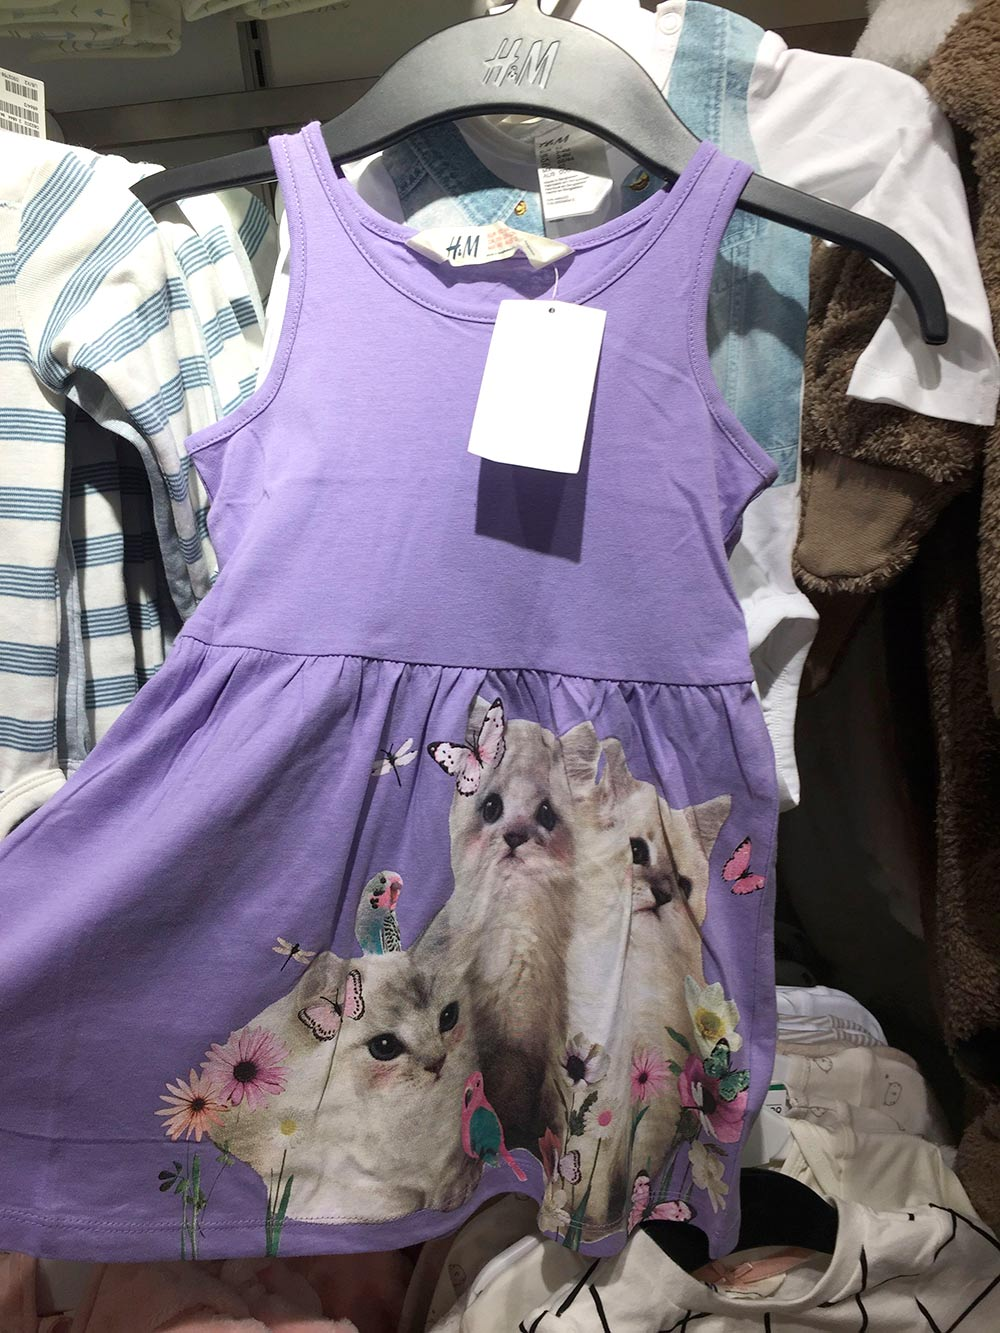 hm cat clothes purple dress